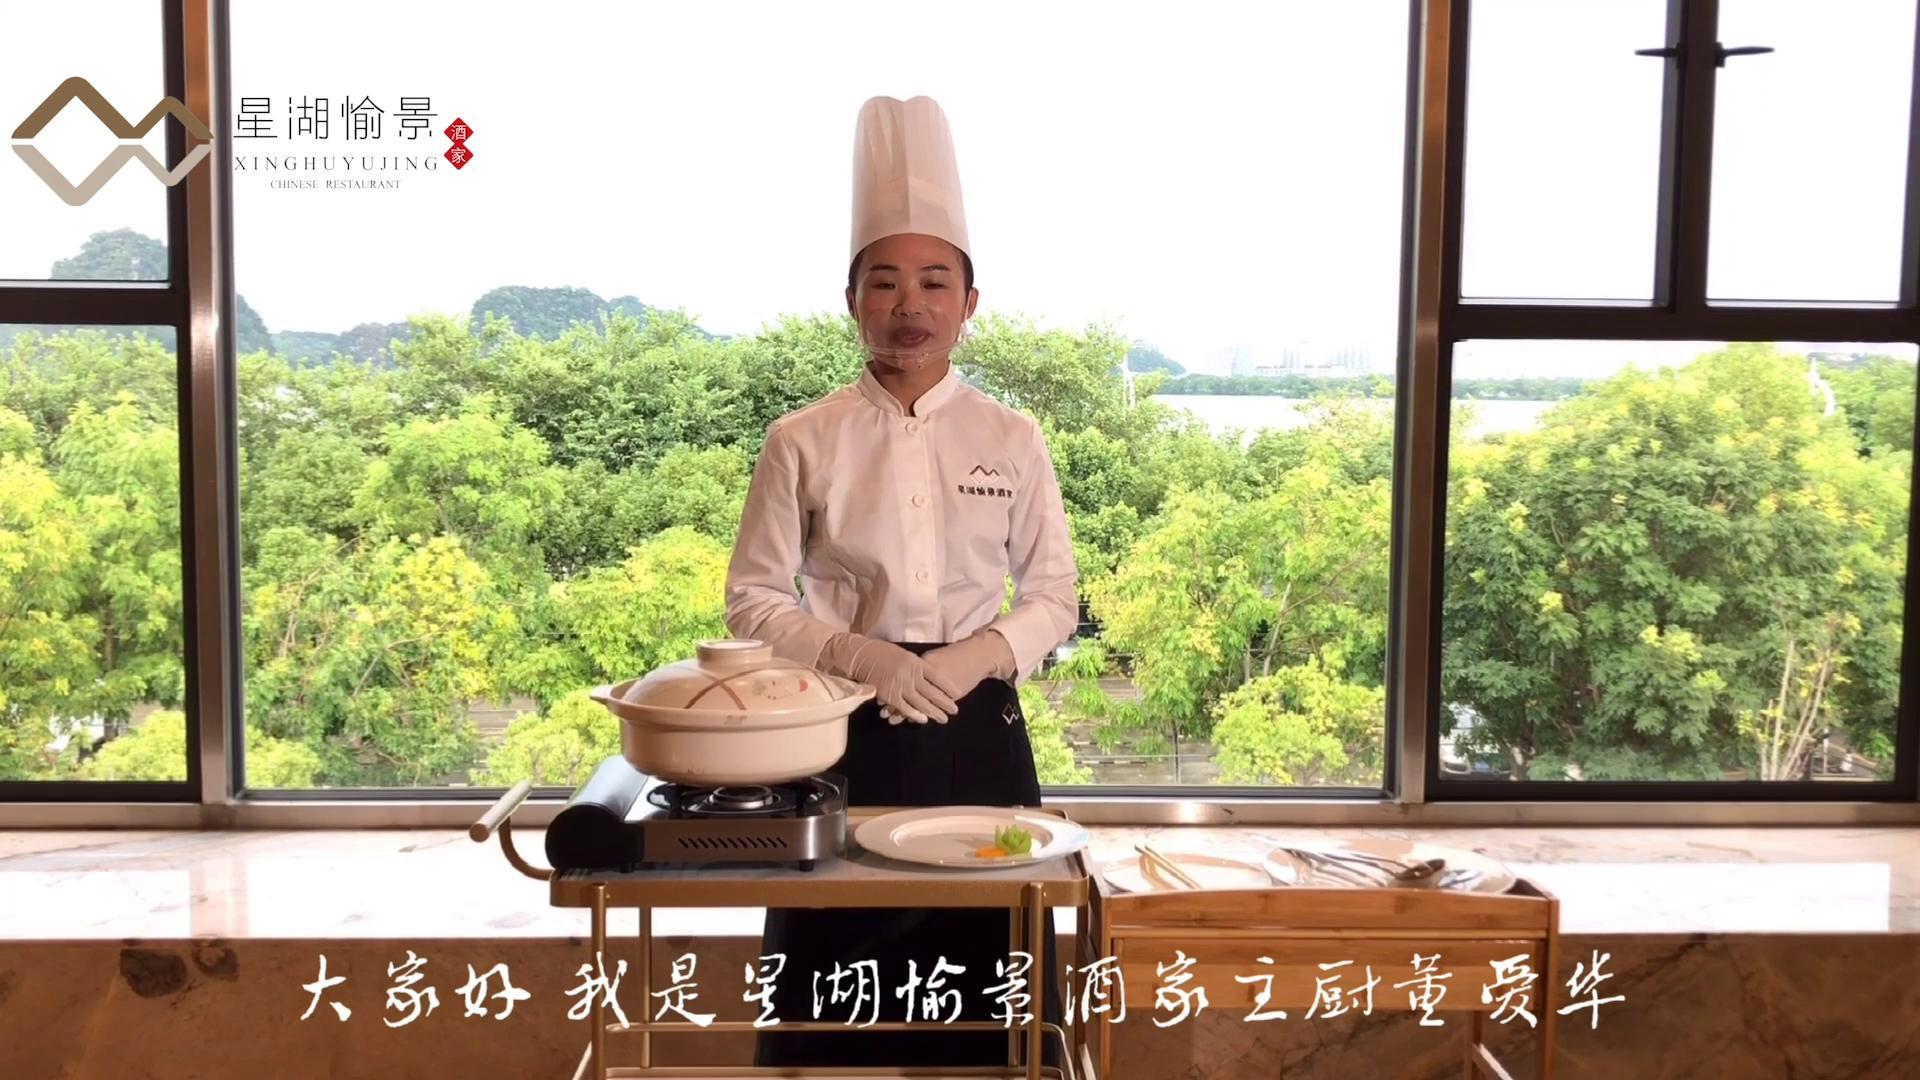 星湖愉景酒家菜品:(六头)南非干鲍辽参扣花胶烹饪视频